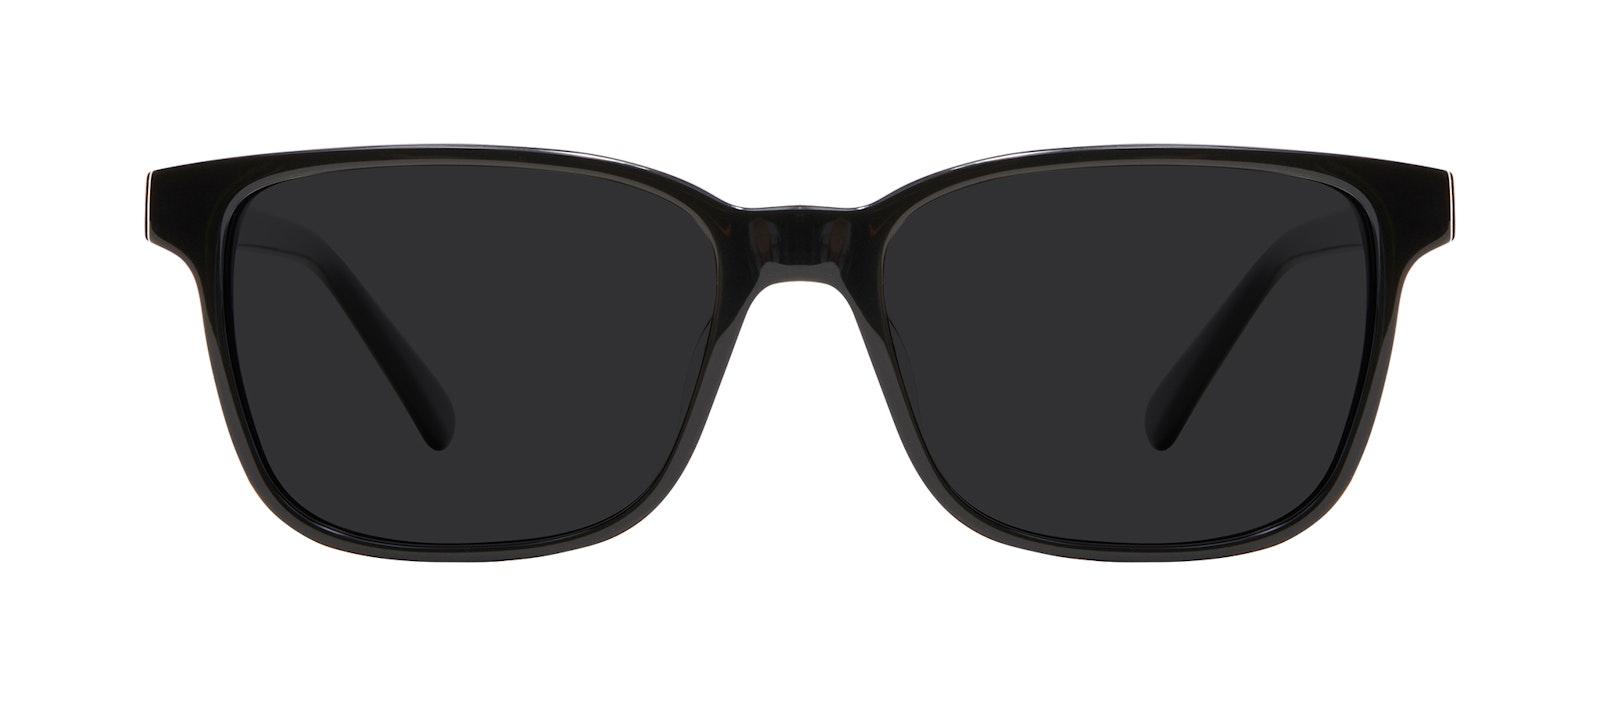 Lunettes tendance Carrée Lunettes de soleil Hommes Risk Black Face